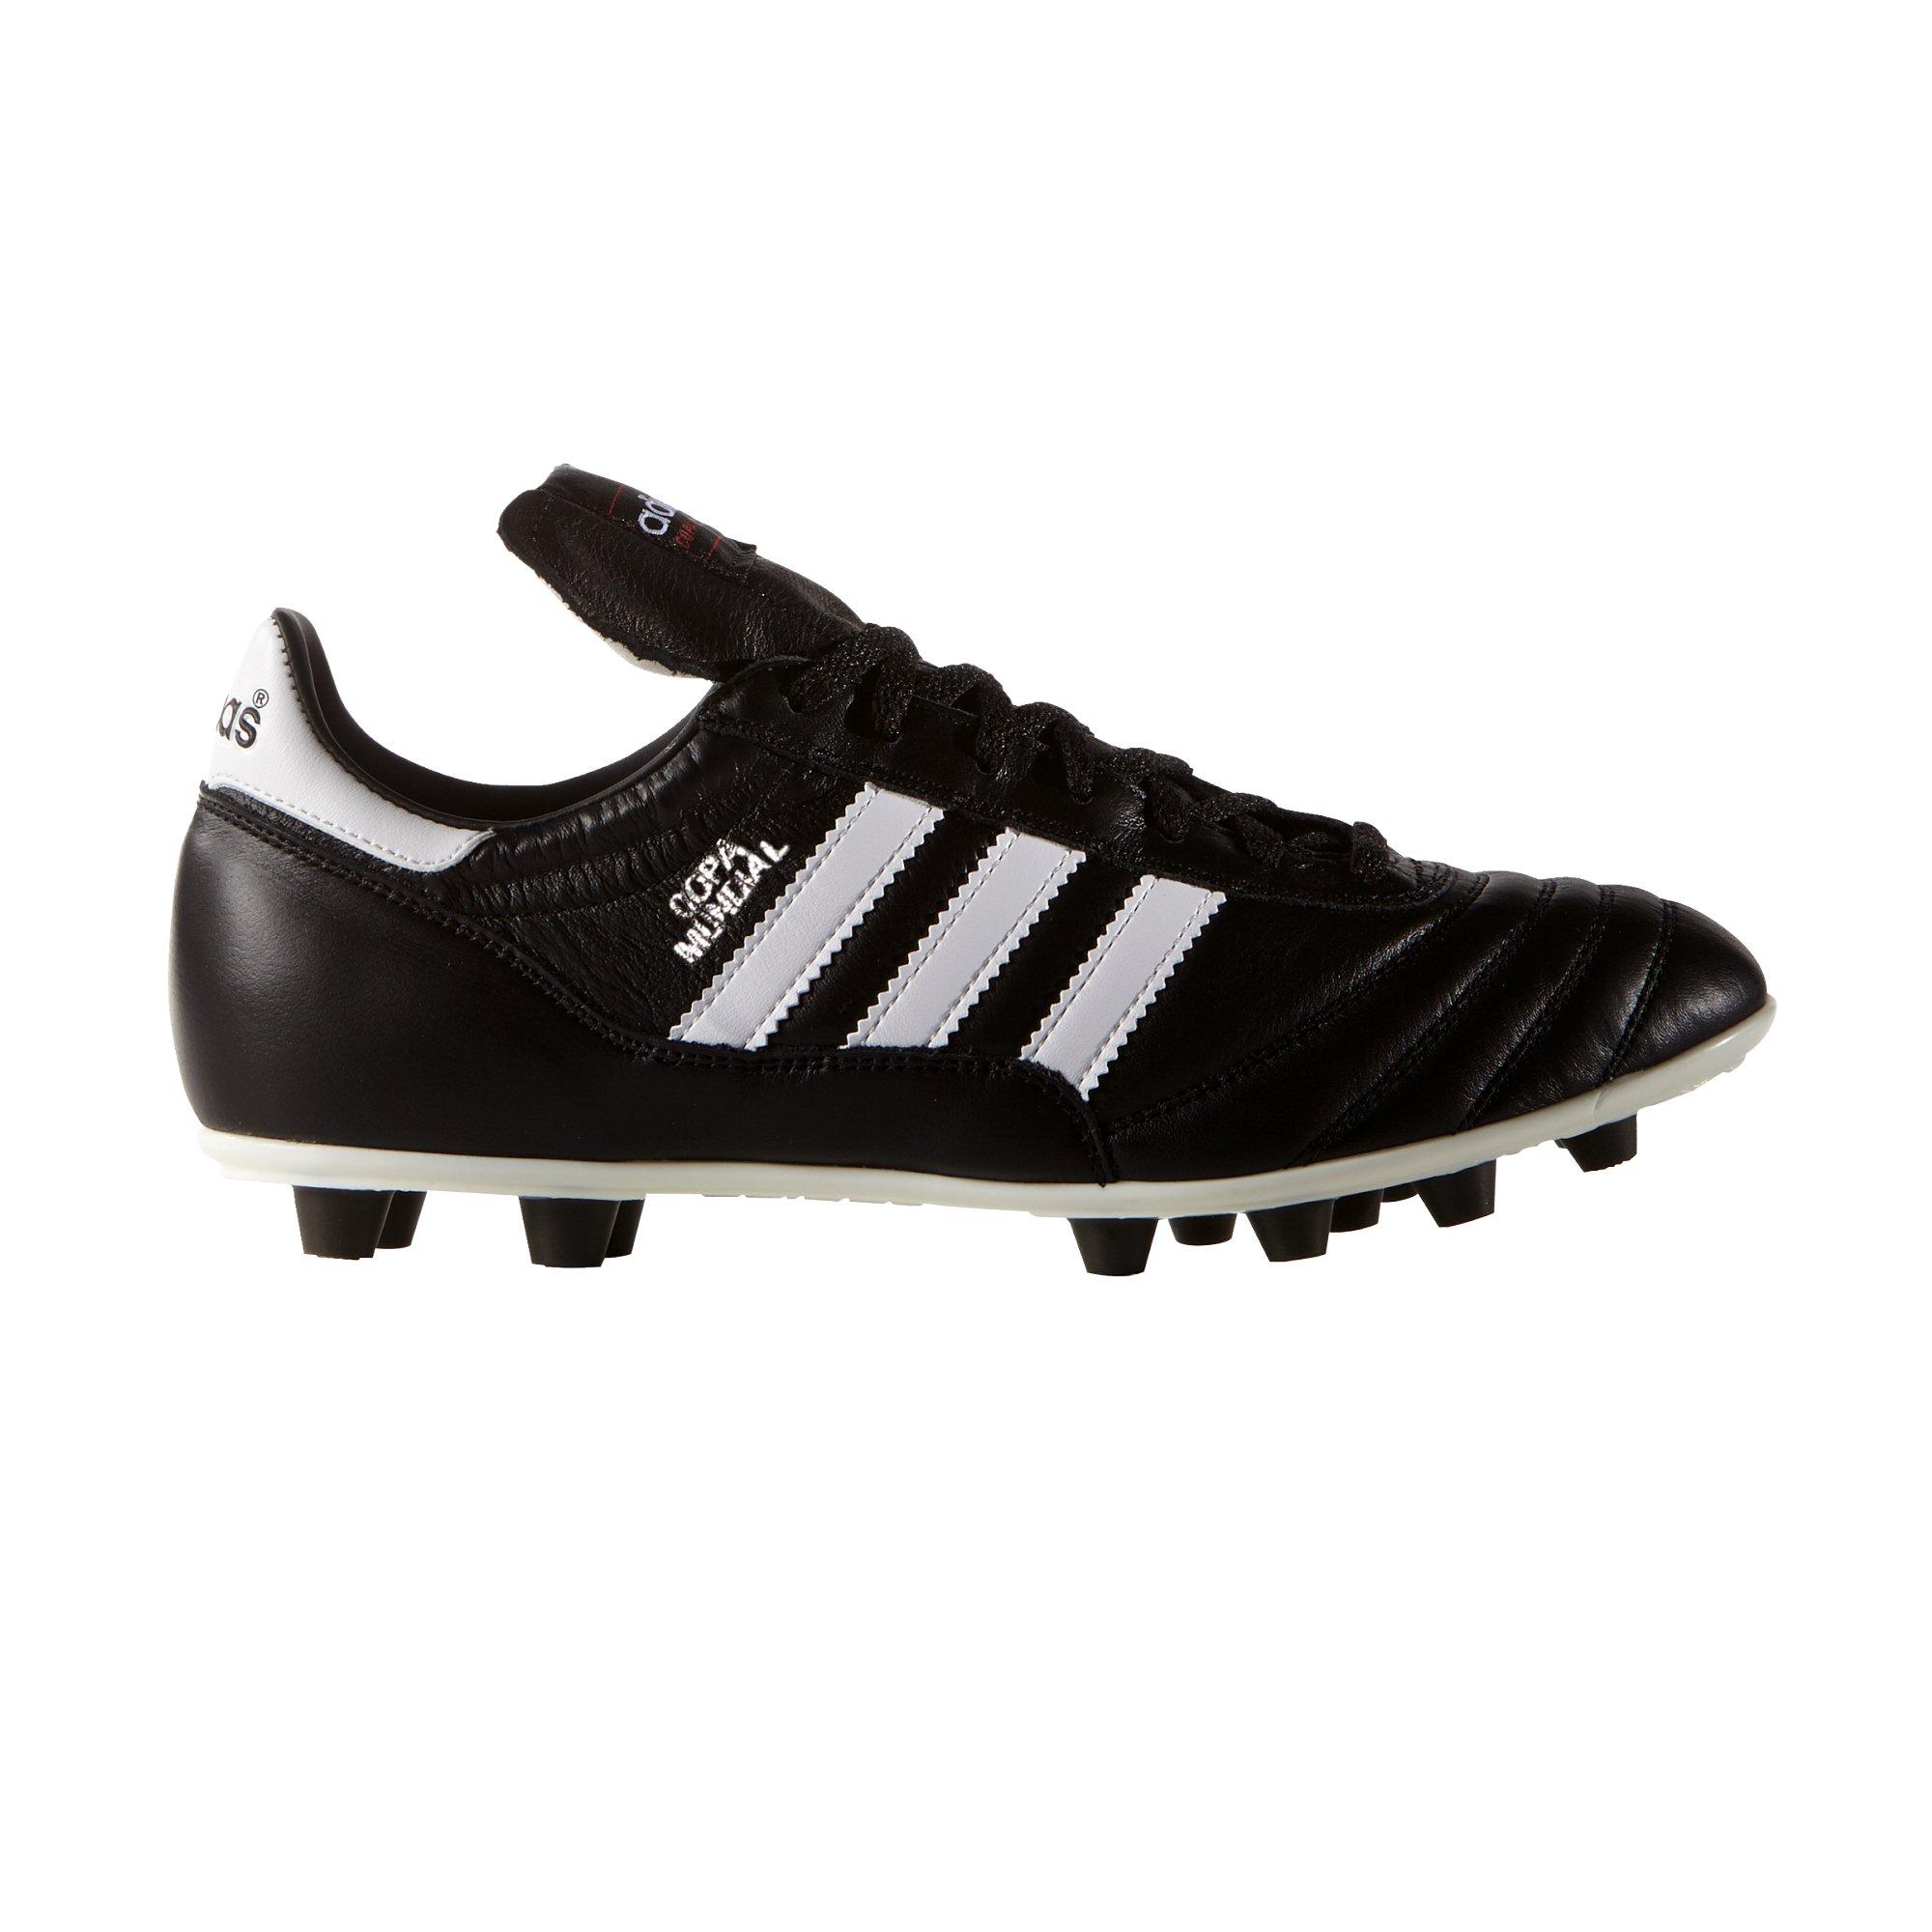 b04787dd1b3f8 adidas Unisex Adults' Copa Mundial Football Boots